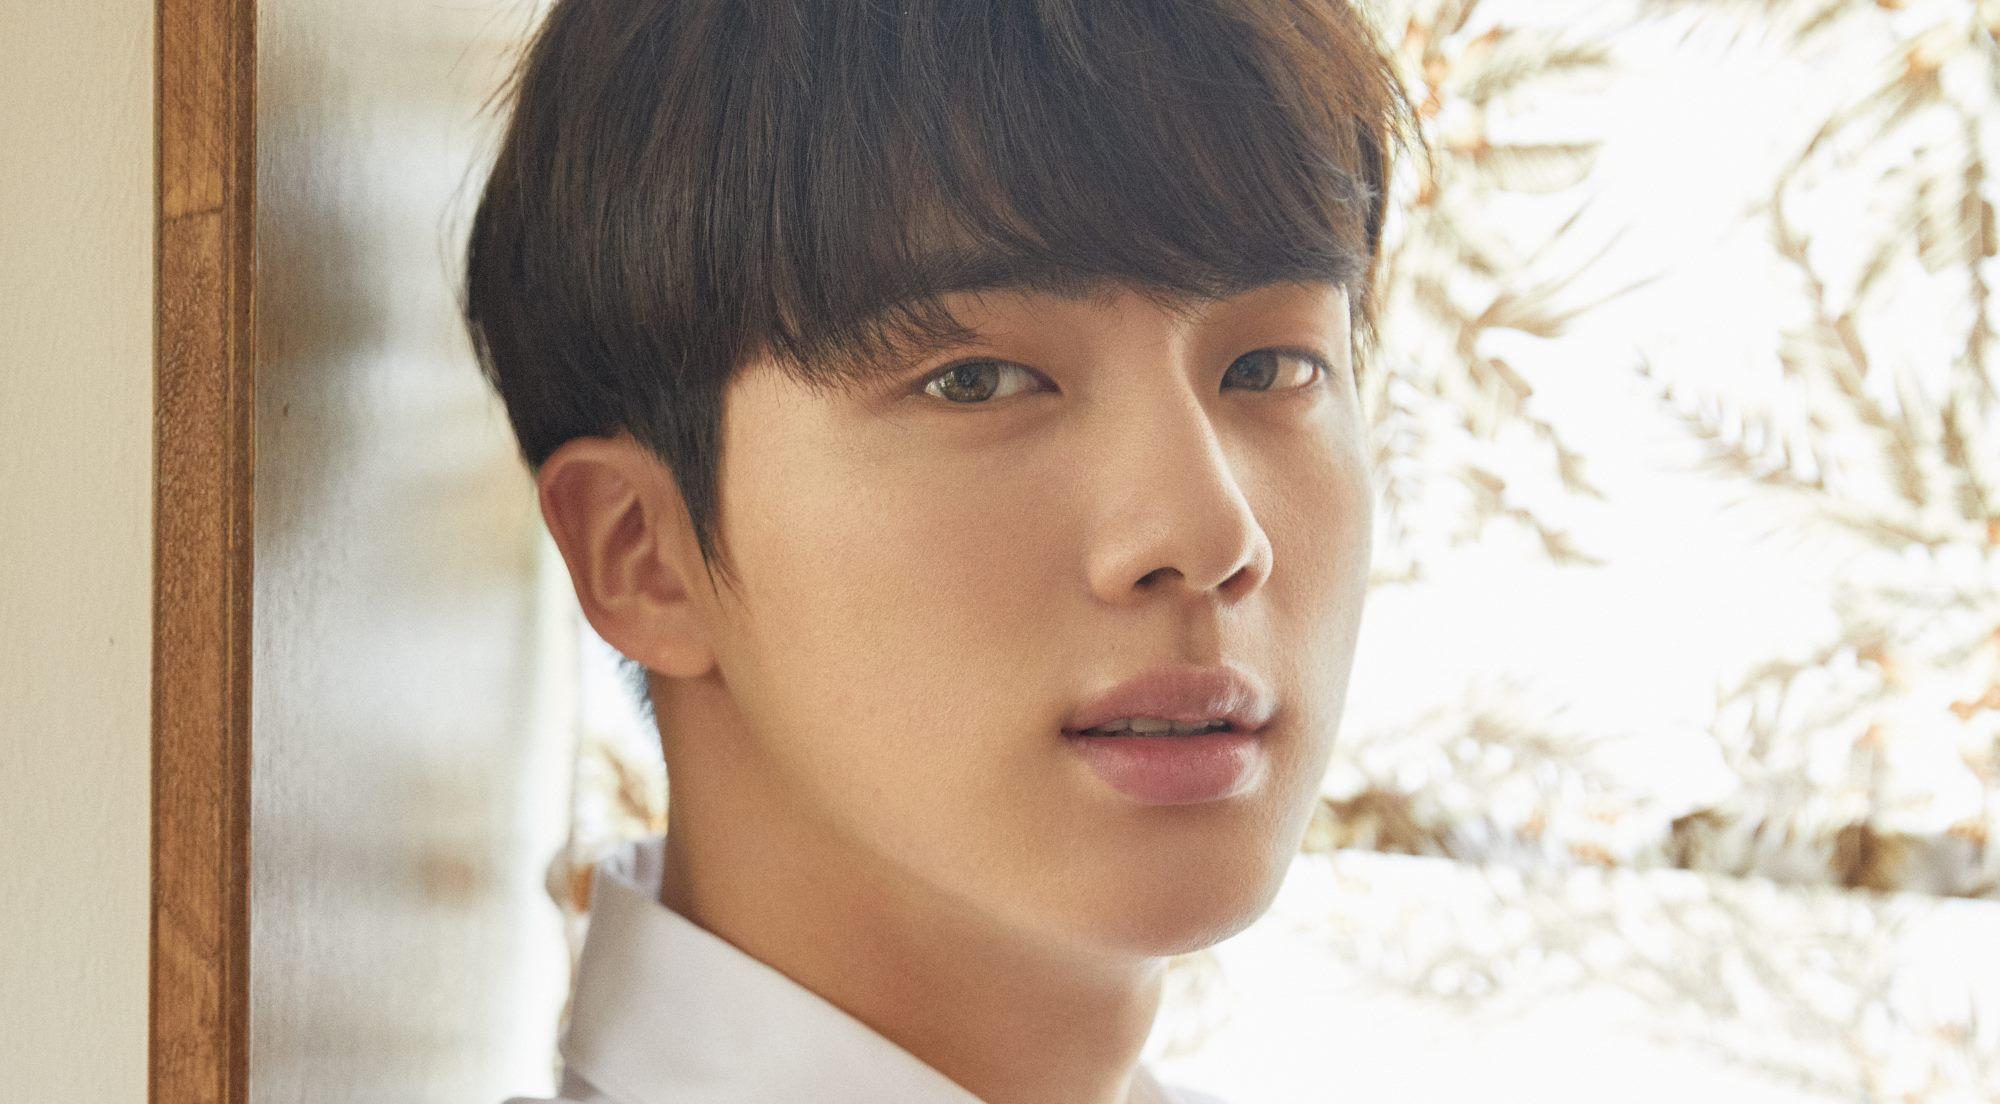 BTS Jin Profile